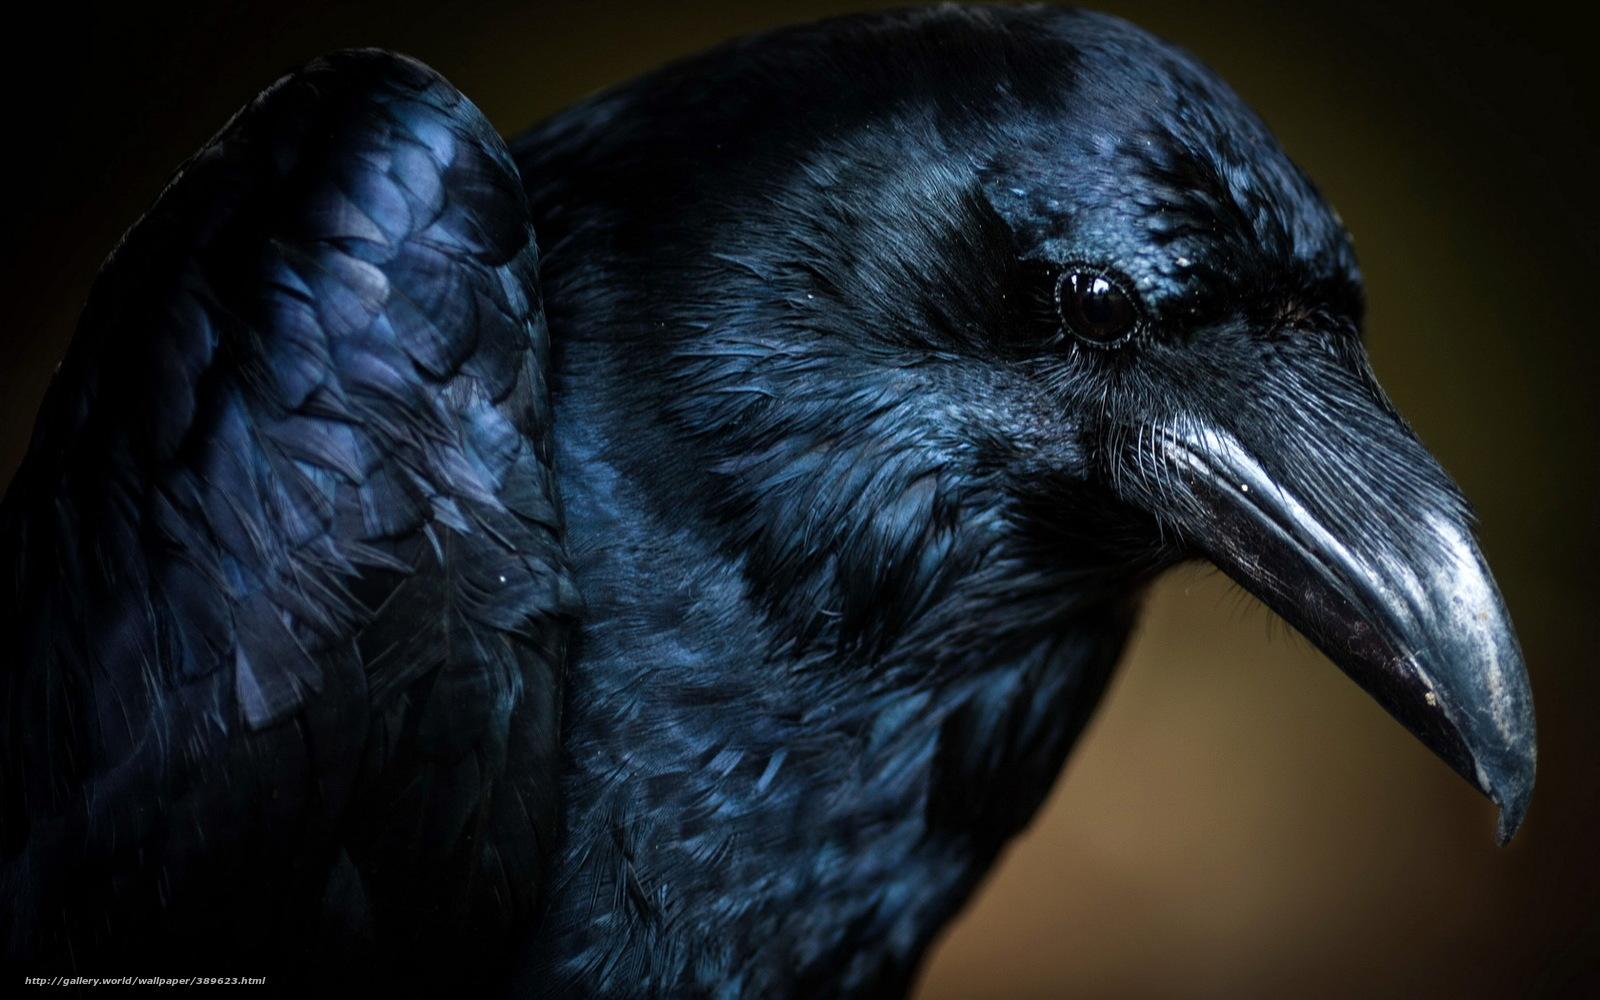 Download wallpaper bird raven macro desktop wallpaper in the 1600x1000